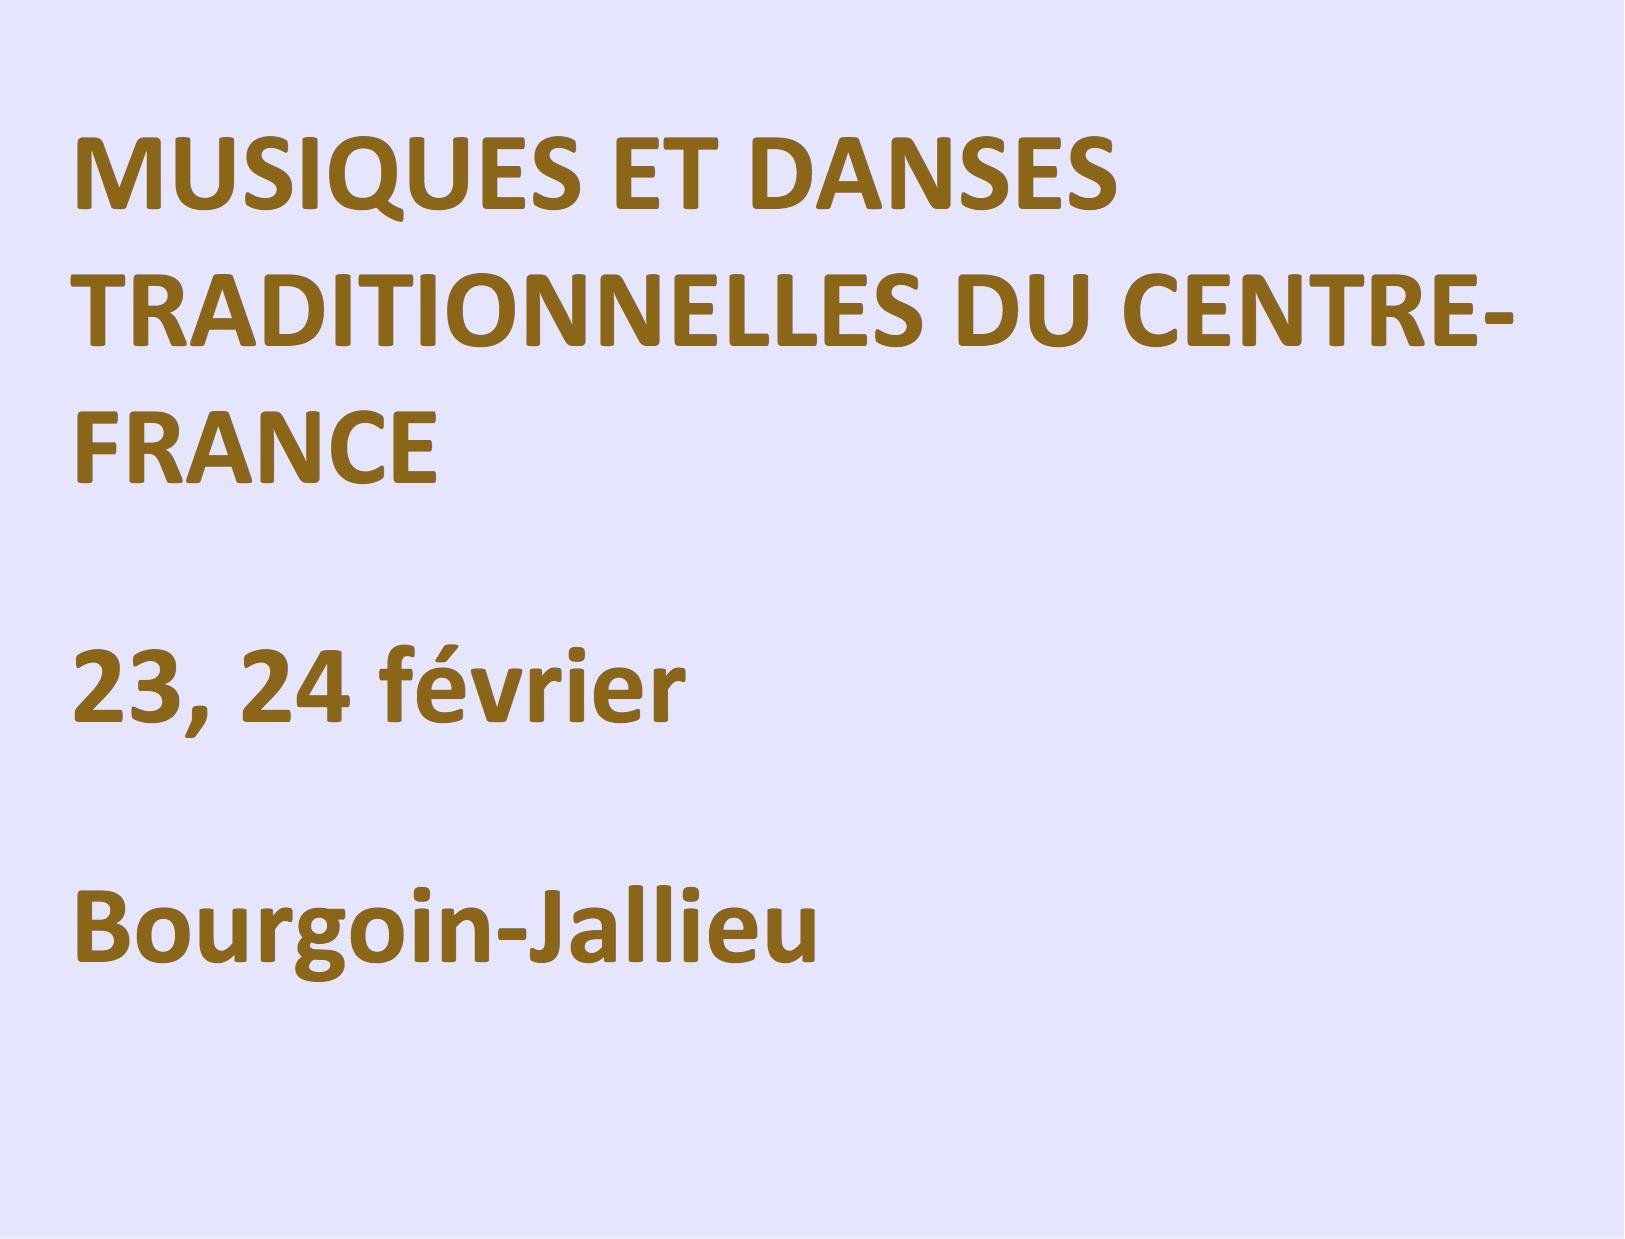 Musiques et danses traditionnelles